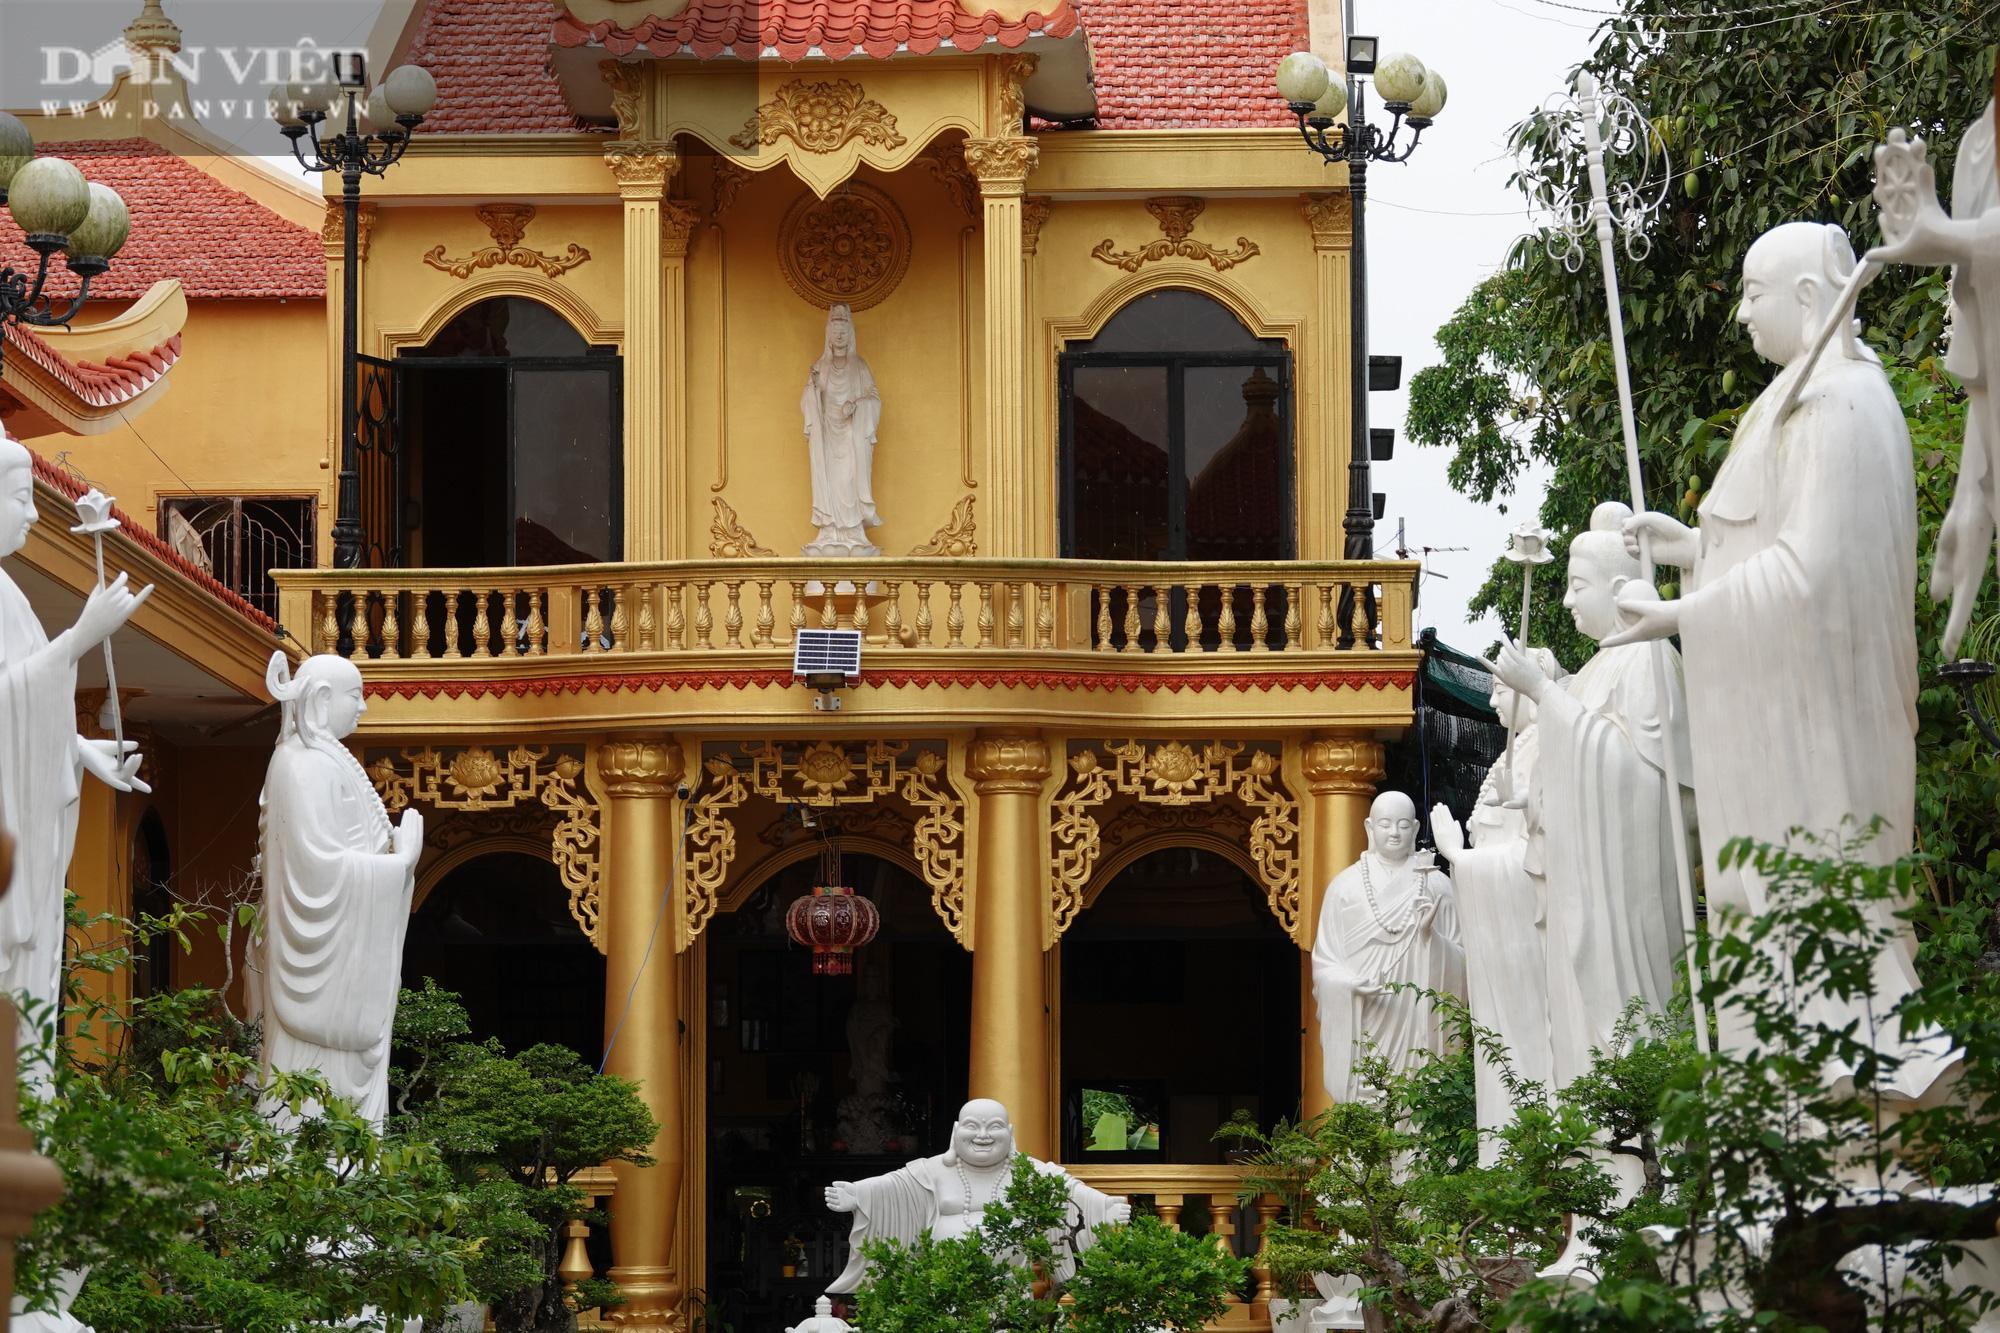 Ngôi chùa ở Cù Lao Giêng với quần thể tượng Phật đạt kỷ lục Việt Nam có gì đặc biệt? - Ảnh 11.